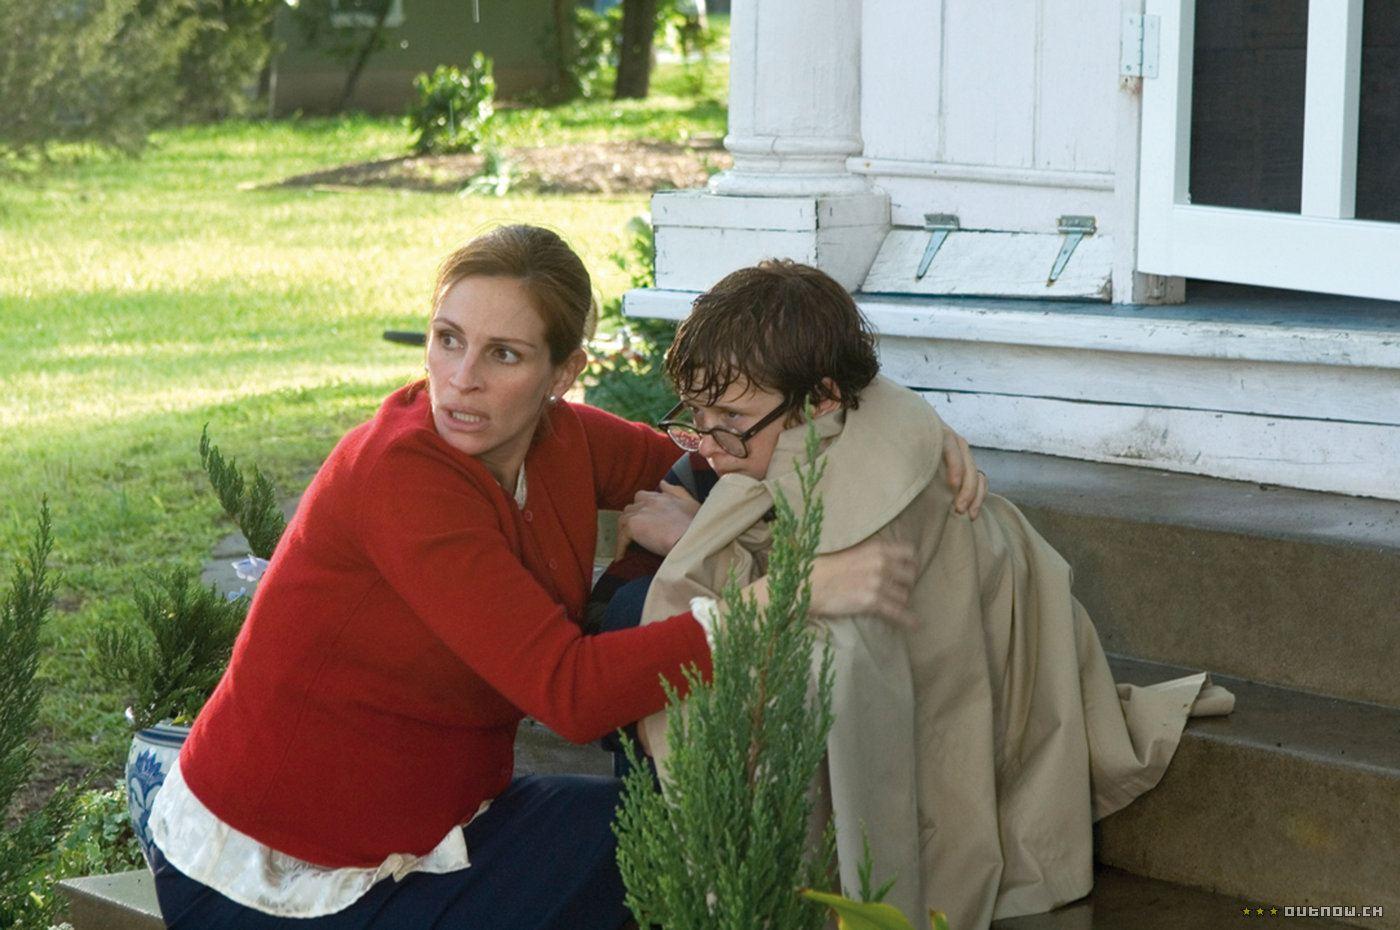 кадры из фильма Светлячки в саду Джулия Робертс, Кэйден Бойд,